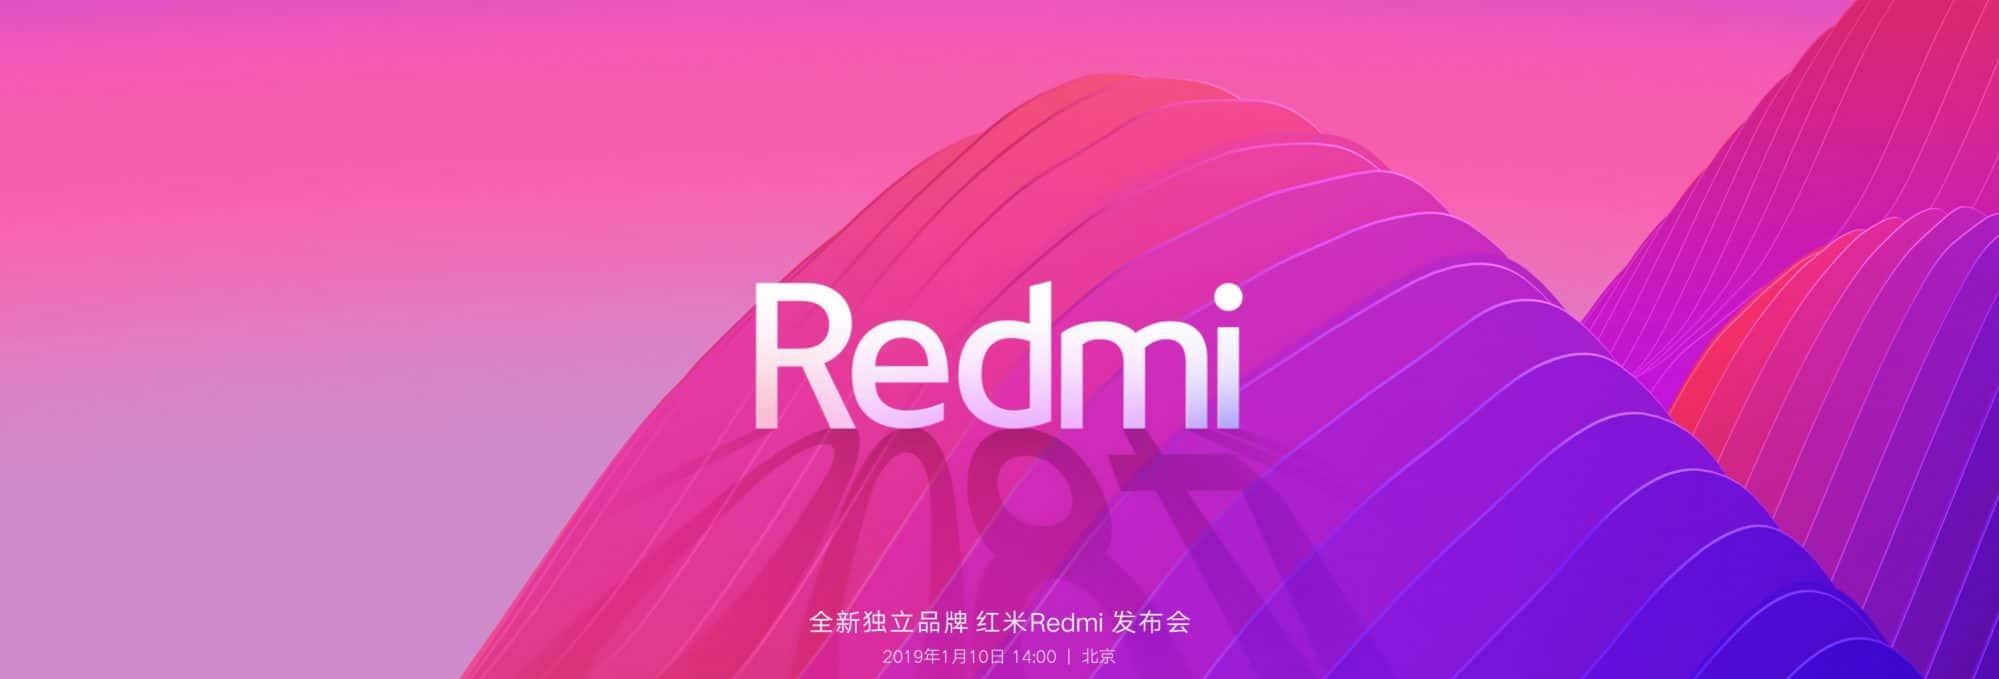 รีวิว Redmi Note 7 สมาร์ทโฟนสุดคุ้มค่า เริ่มต้นในราคาที่พอเพียง 3